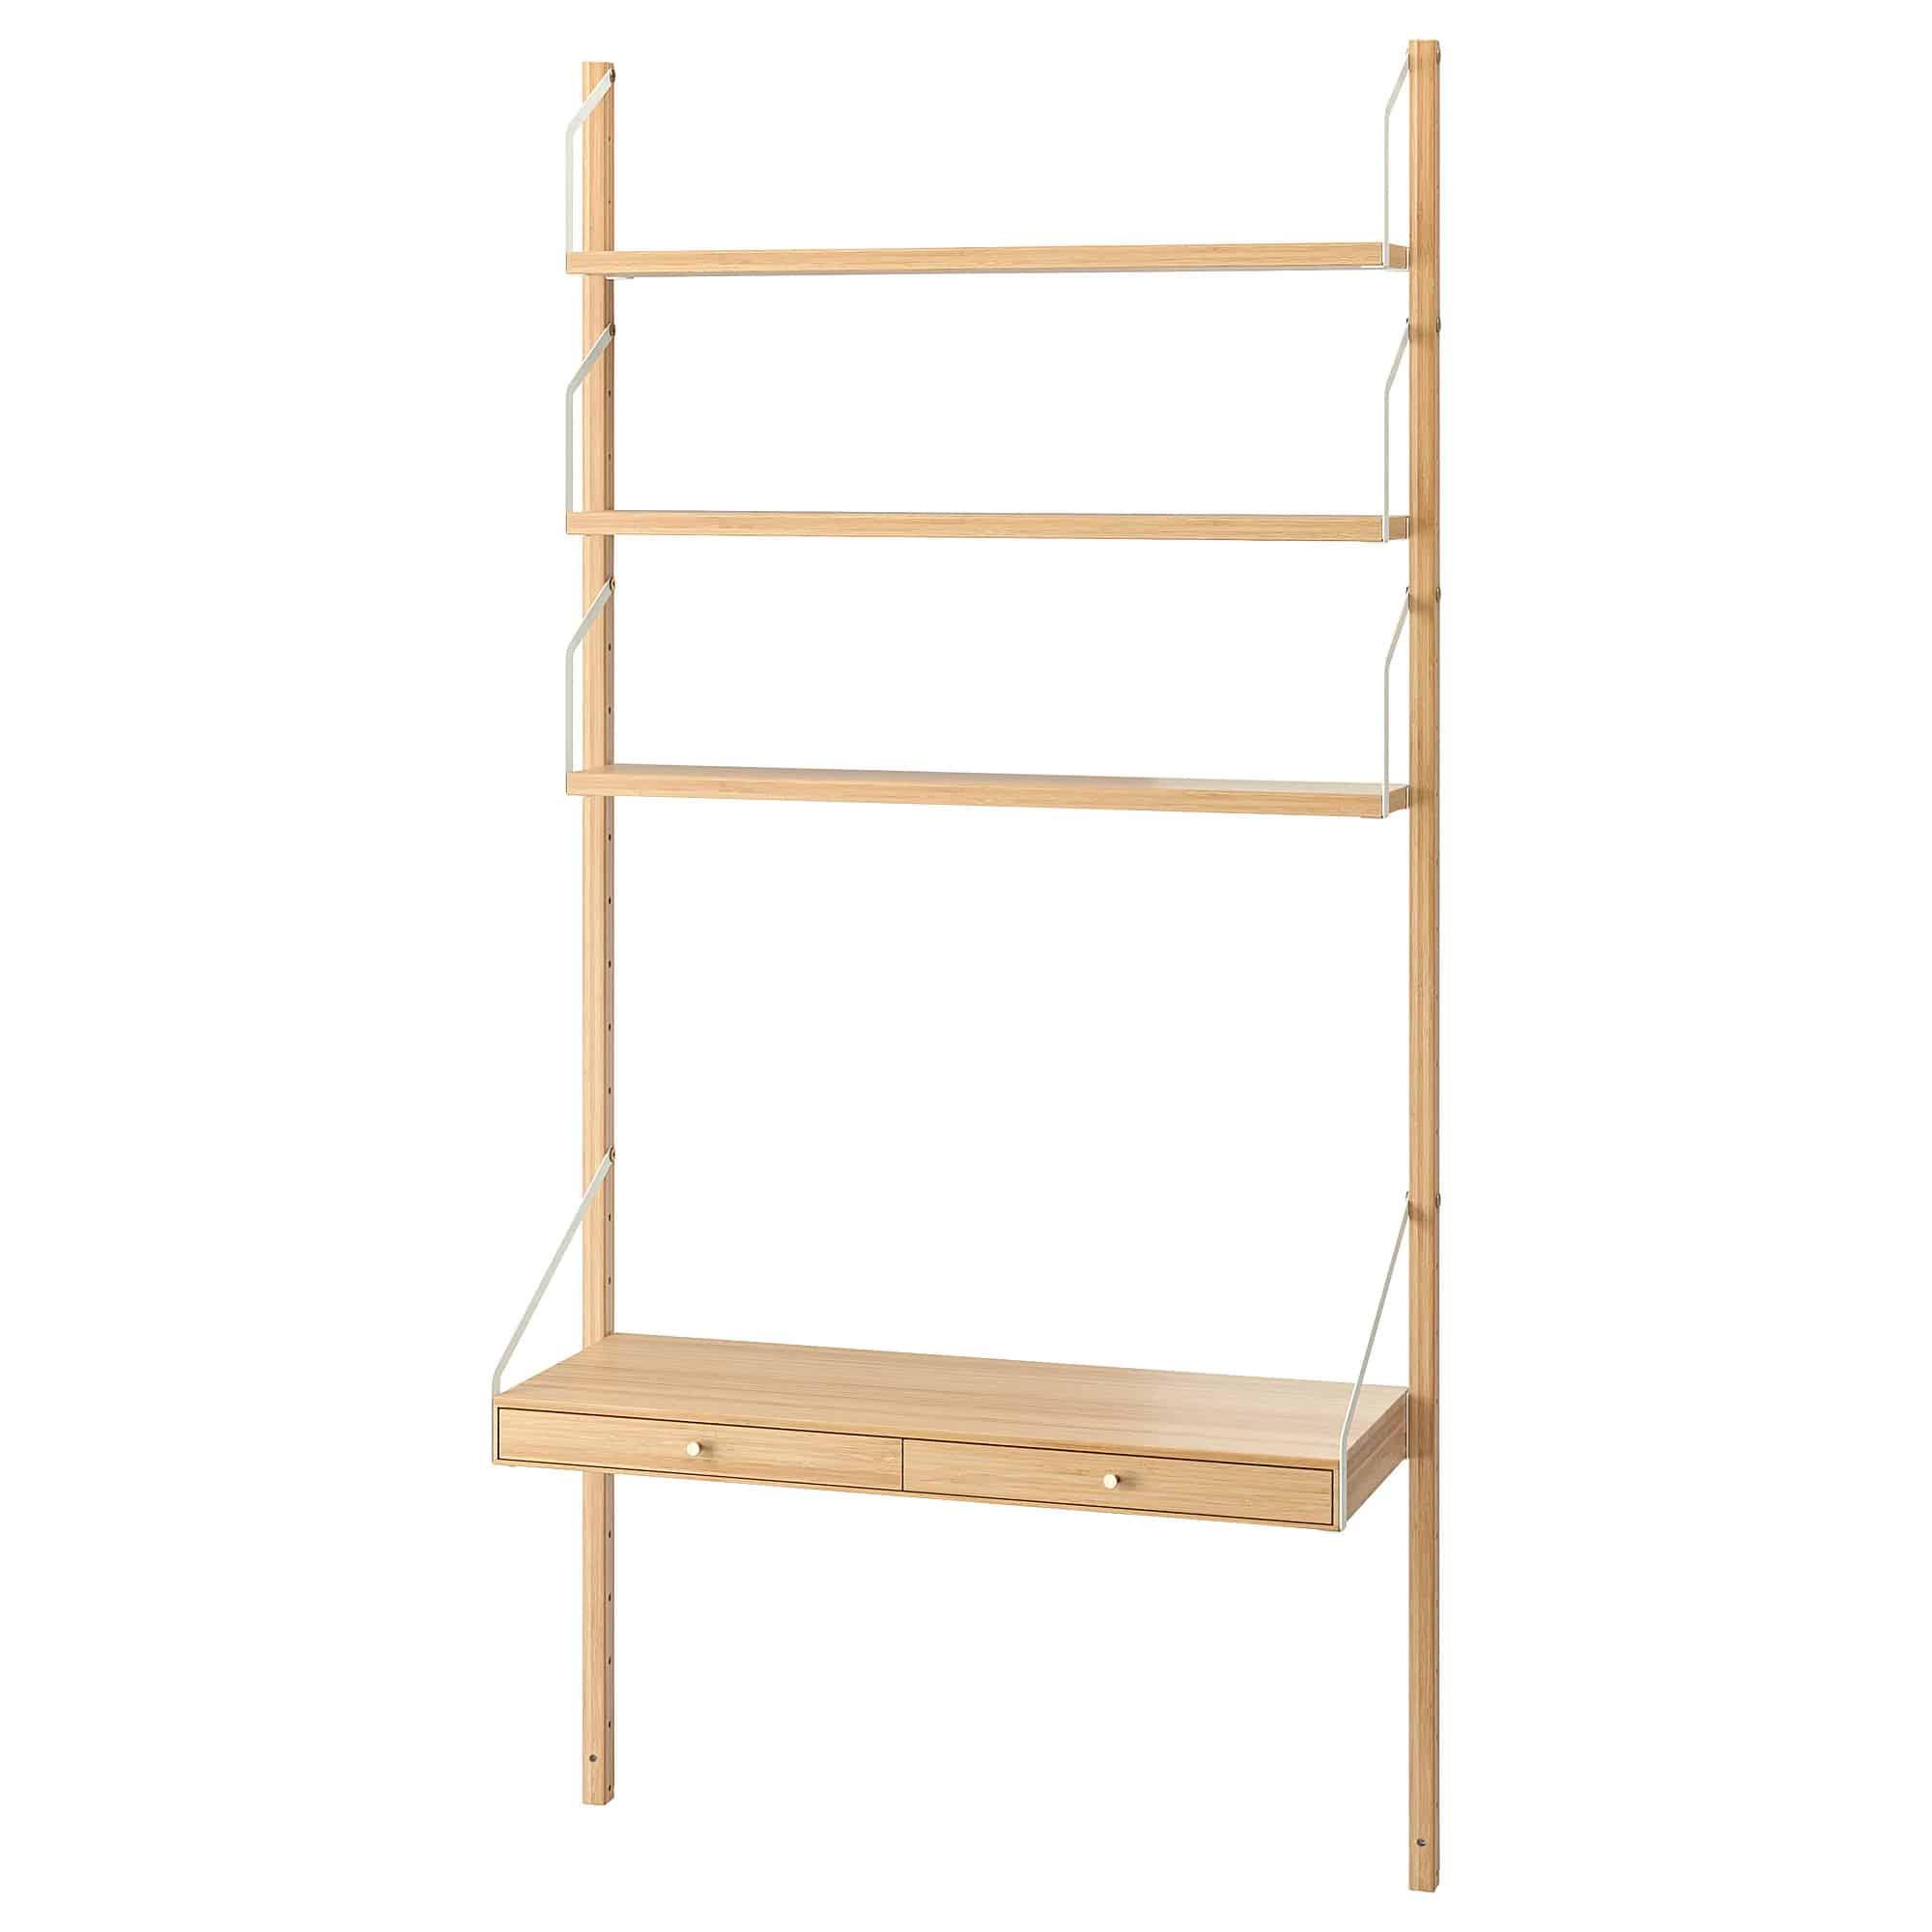 Wand opbergkast combinatie kast bamboe van Ikea